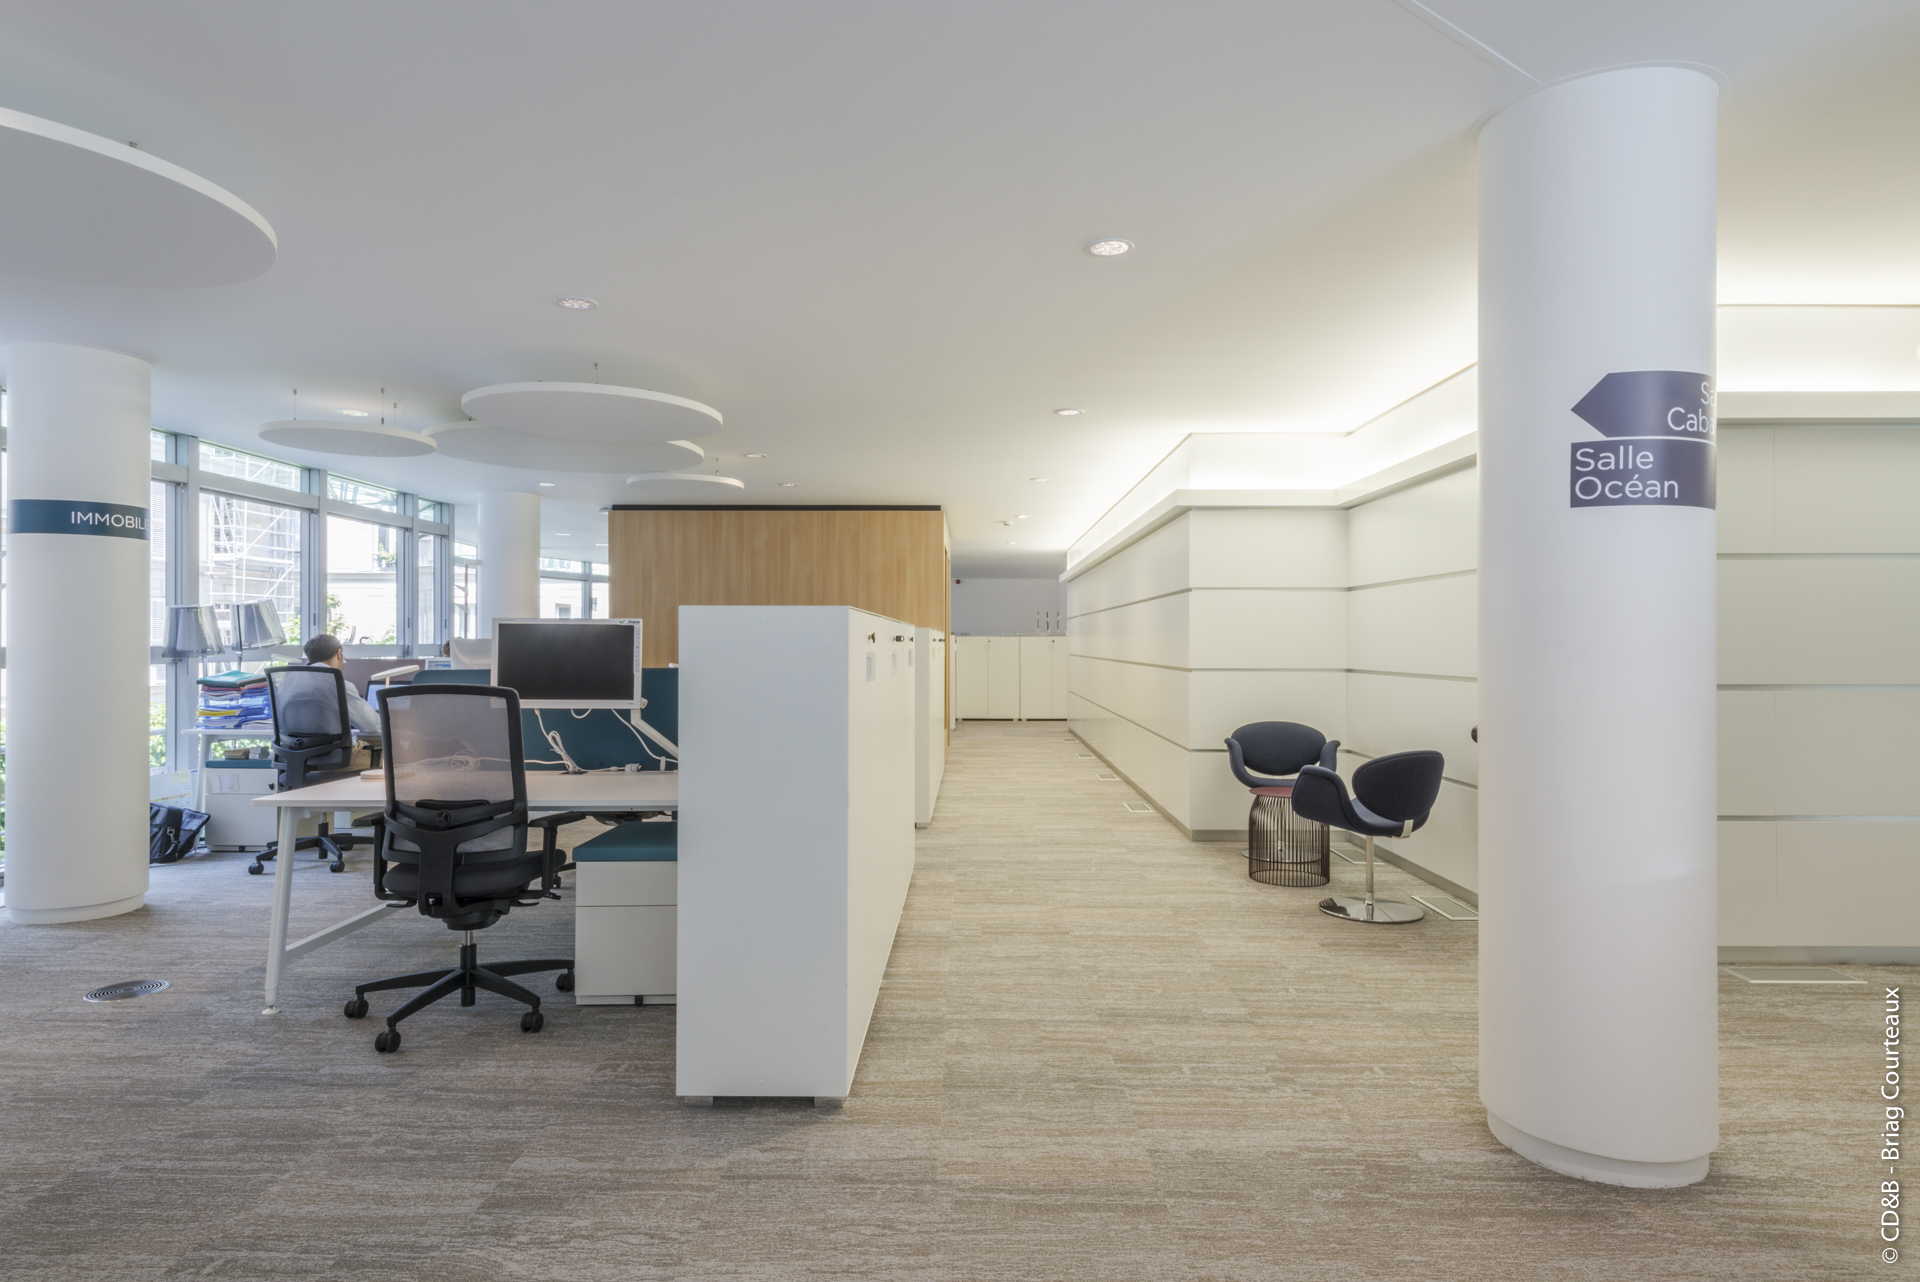 Conseil, aménagement, conception et réalisation des espaces de la société Korian par CDB, Meet you there.